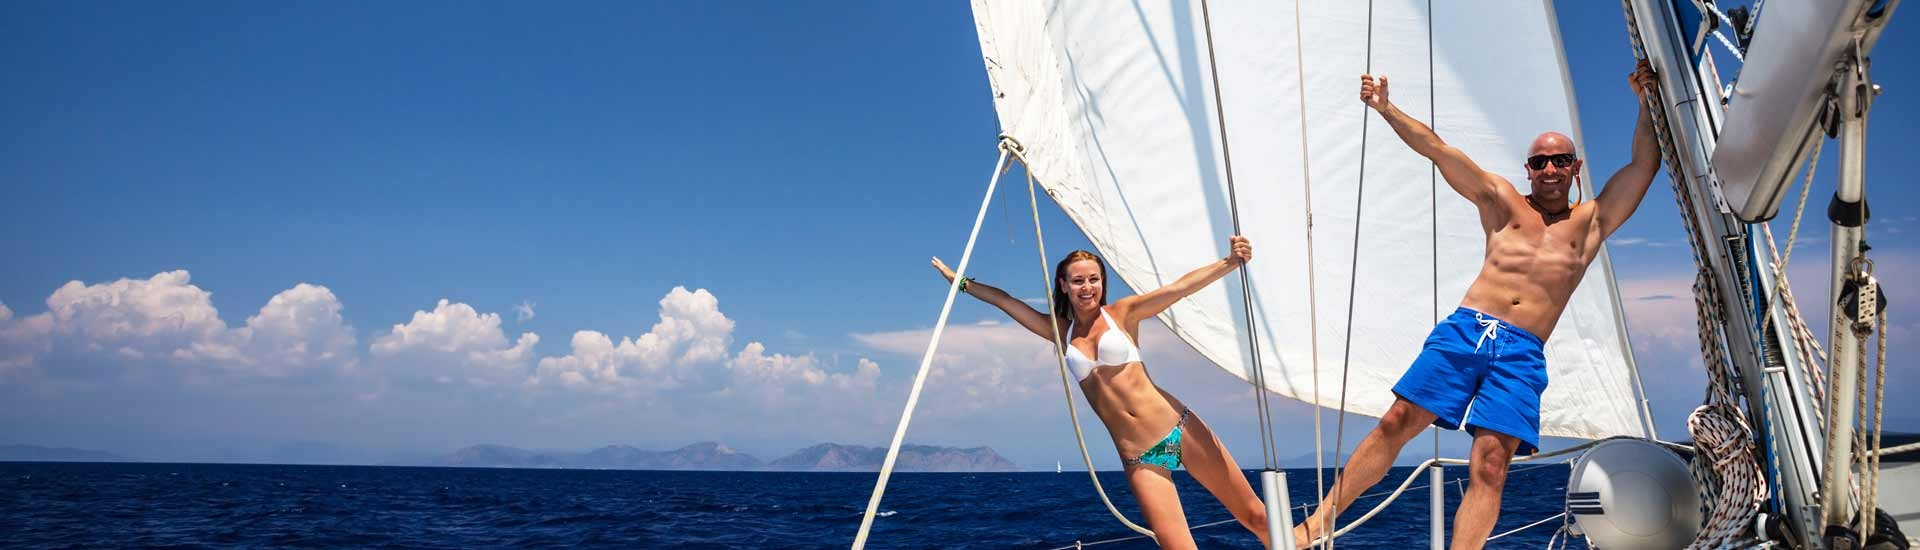 Buon divertimento in barca a vela